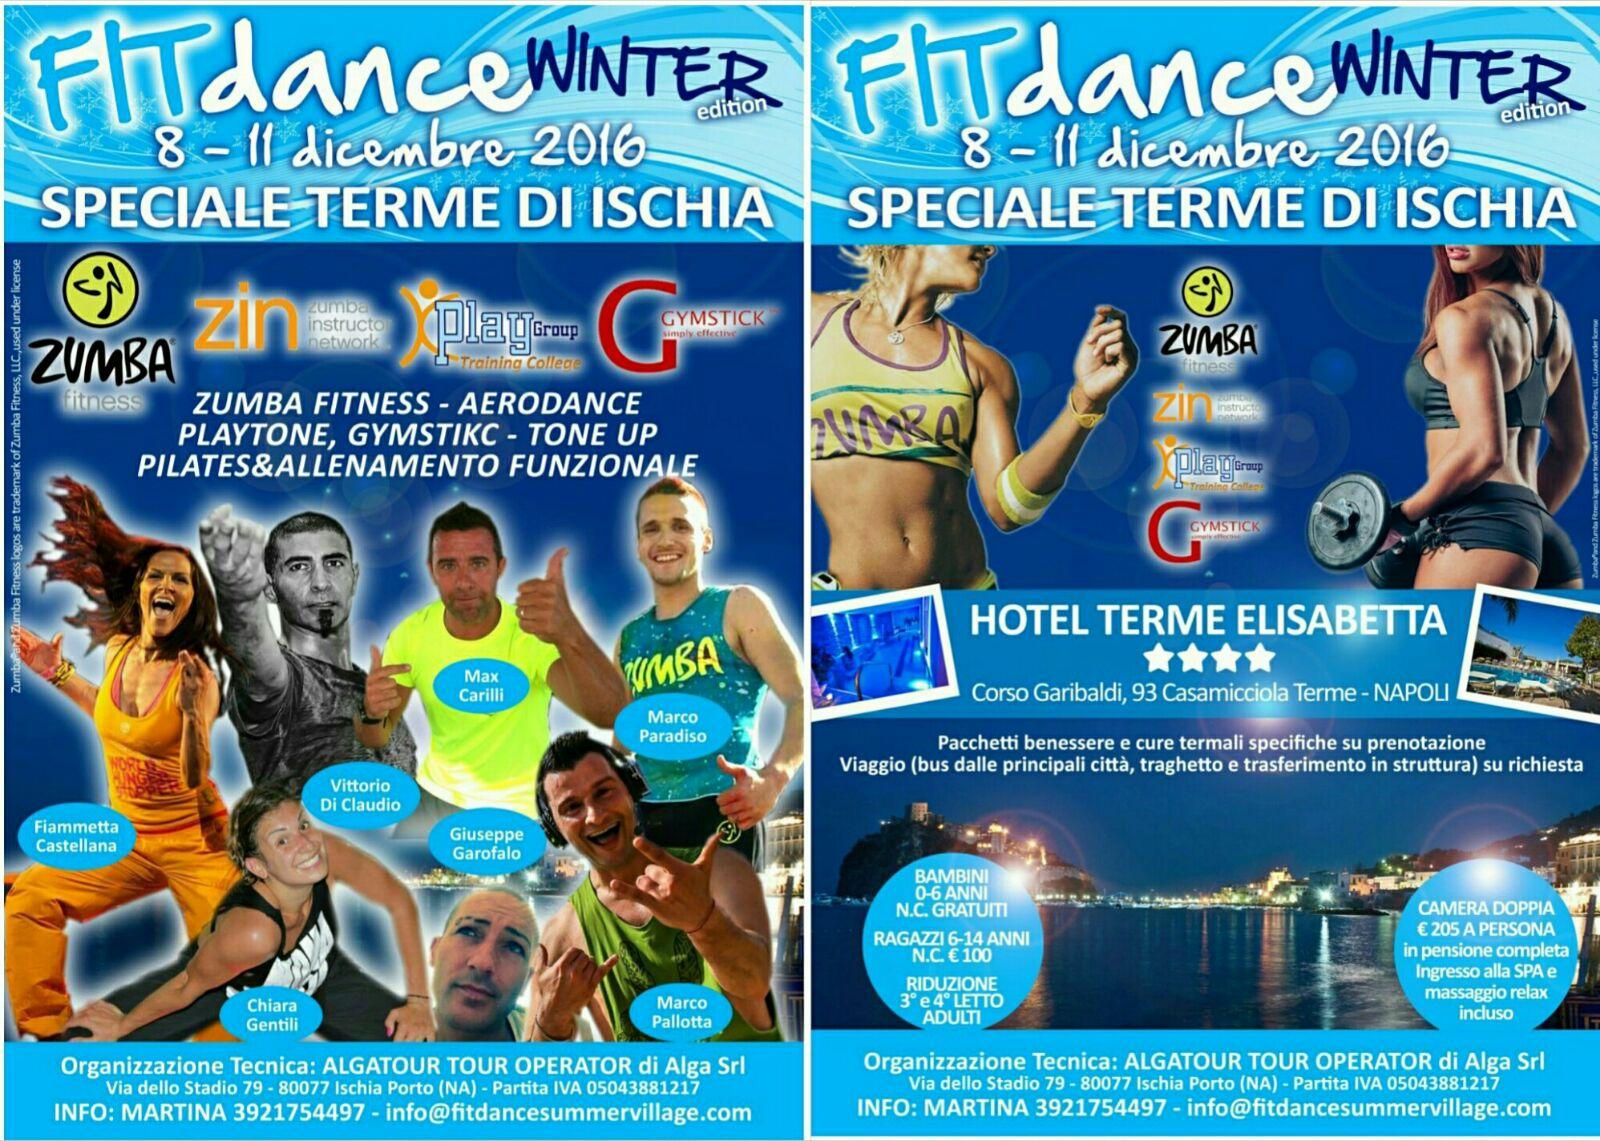 ISCHIA SpA Terme e dance - fitness